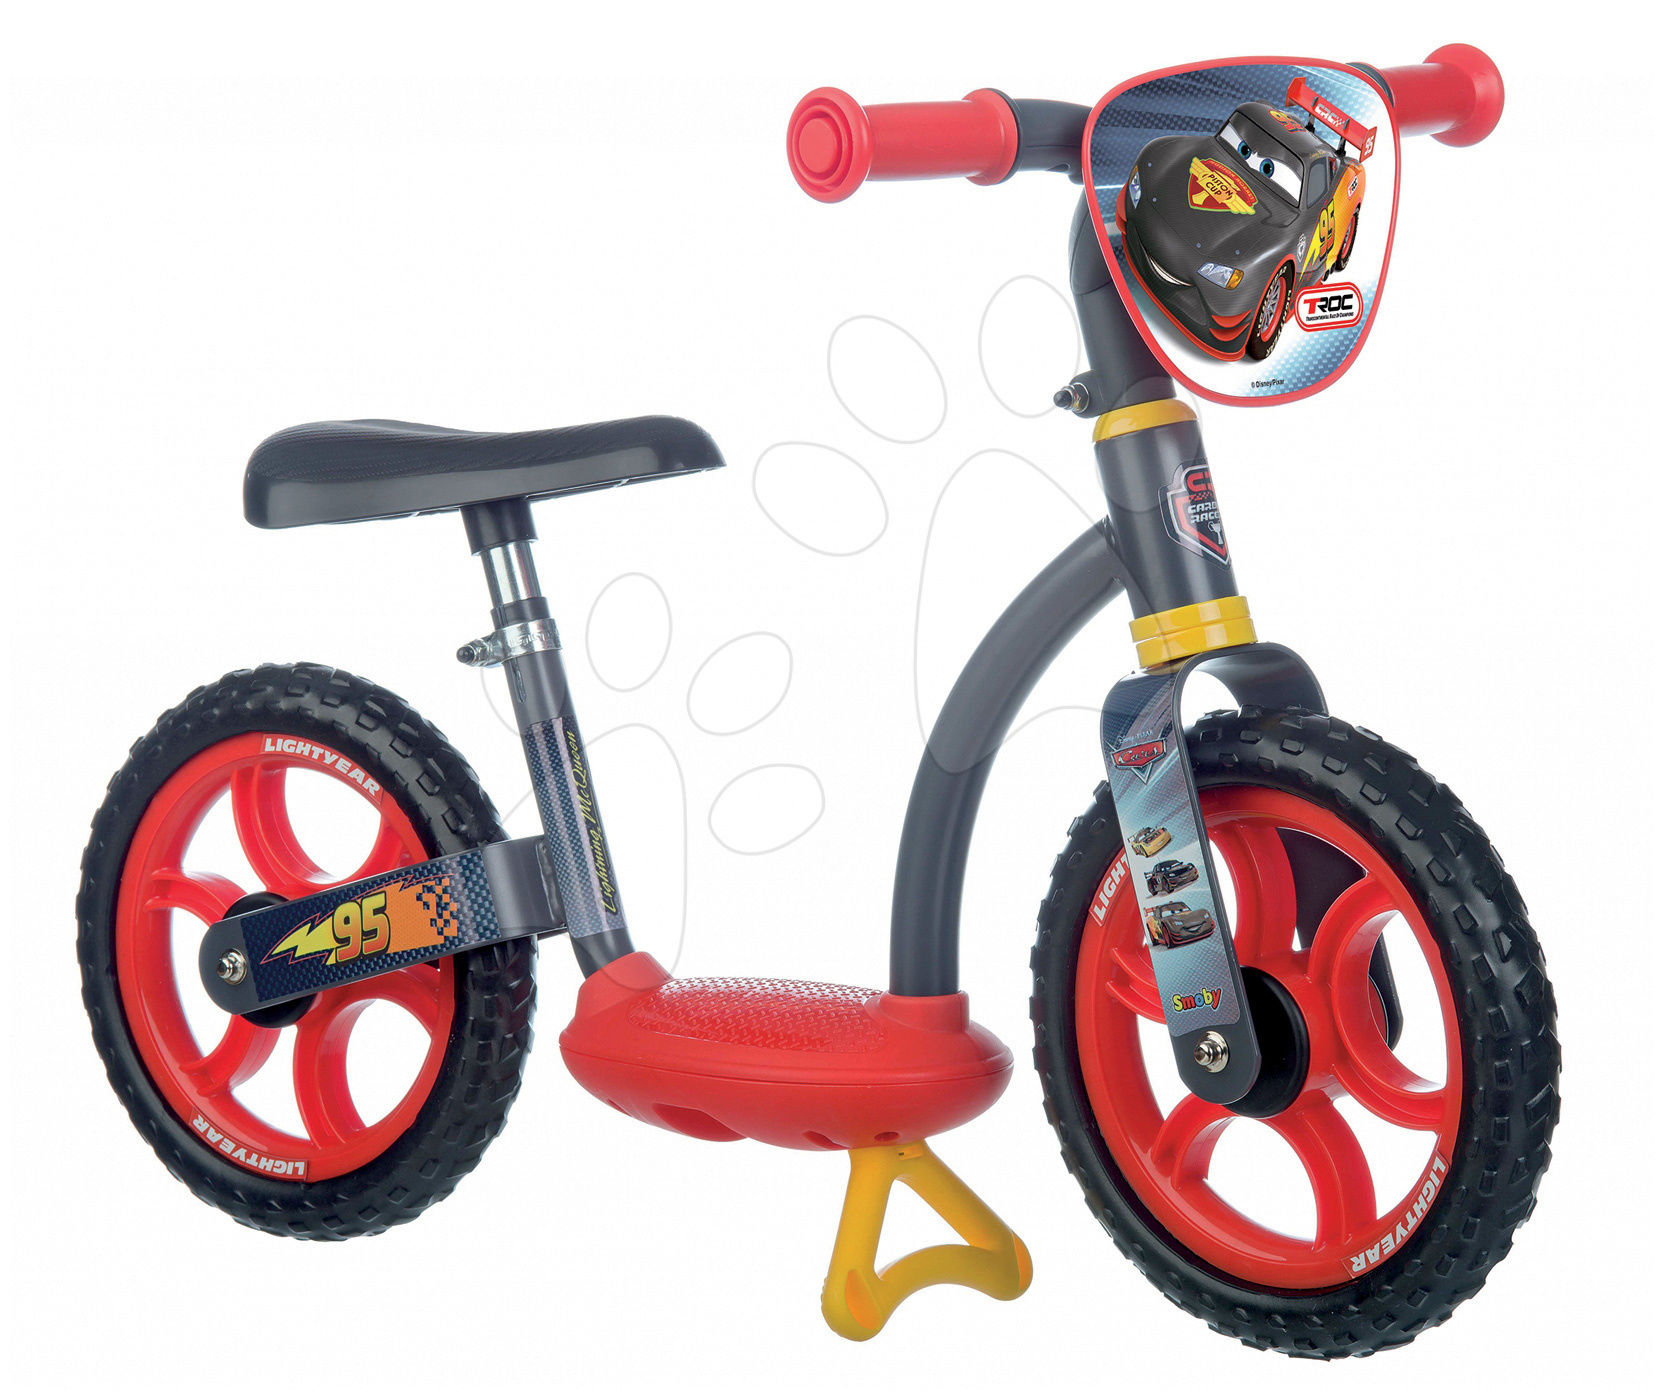 Balanční odrážedlo Auta Learning Bike Smoby s nastavitelnou výškou sedáku od 24 měsíců